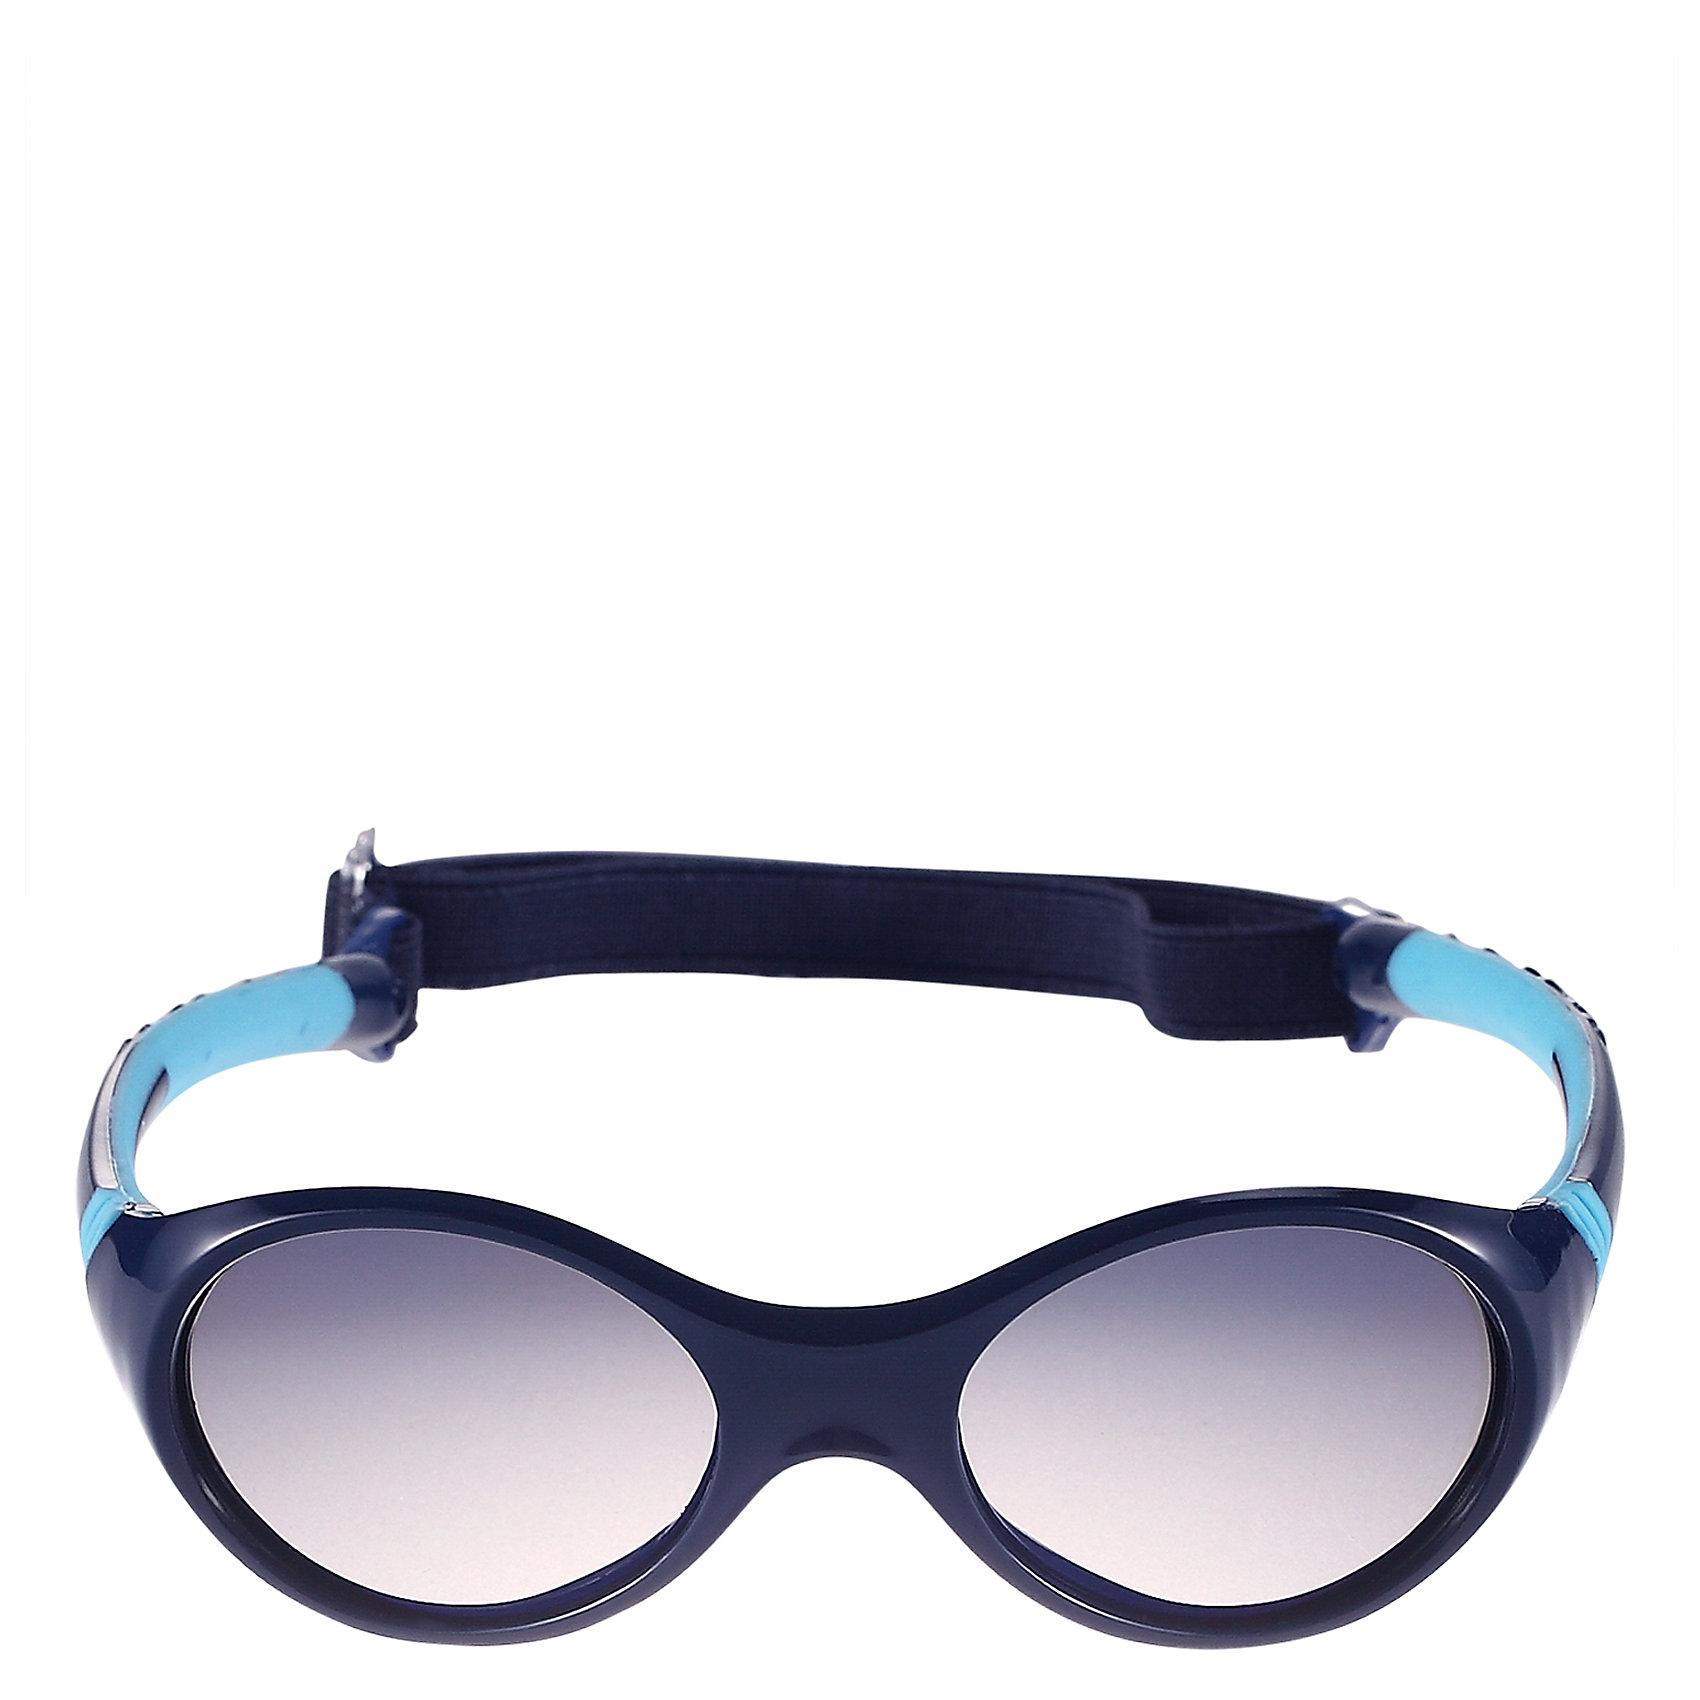 Солнцезащитные очки Maininki для мальчика ReimaХарактеристики товара:<br><br>• цвет: синий<br>• состав: оправа - TPEE/TPR/TR90/Резина, линзы - PC<br>• рекомендовано для детей 0-4 лет<br>• поляризованные зеркальные линзы<br>• обработка противотуманным покрытием<br>• регулируемый размер<br>• мягкая и эластичная оправа <br>• защитный чехол в комплекте<br>• европейский сертификат соответствия<br>• съёмня эластичная резинка<br>• защита от ультрафиолетовых лучей спектра A и спектра B класса 5<br>• страна производства: Китай<br>• страна бренда: Финляндия<br>• коллекция: весна-лето 2017<br><br>Специальные очки помогут уберечь глаза детей от повреждения прямыми солнечными лучами. Эта модель разрабатывалась для малышей - у неё мягкая оправа с очень комфортной посадкой, зеркальные линзы со специальной обработкой, есть защитный чехол. Очки не только хорошо проработаны, они стильно смотрятся!<br><br>Обувь и одежда от финского бренда Reima пользуются популярностью во многих странах. Они стильные, качественные и удобные. Для производства продукции используются только безопасные, проверенные материалы и фурнитура.<br><br>Солнцезащитные очки для мальчика от финского бренда Reima (Рейма) можно купить в нашем интернет-магазине.<br><br>Ширина мм: 170<br>Глубина мм: 157<br>Высота мм: 67<br>Вес г: 117<br>Цвет: синий<br>Возраст от месяцев: 48<br>Возраст до месяцев: 72<br>Пол: Мужской<br>Возраст: Детский<br>Размер: one size<br>SKU: 5266118